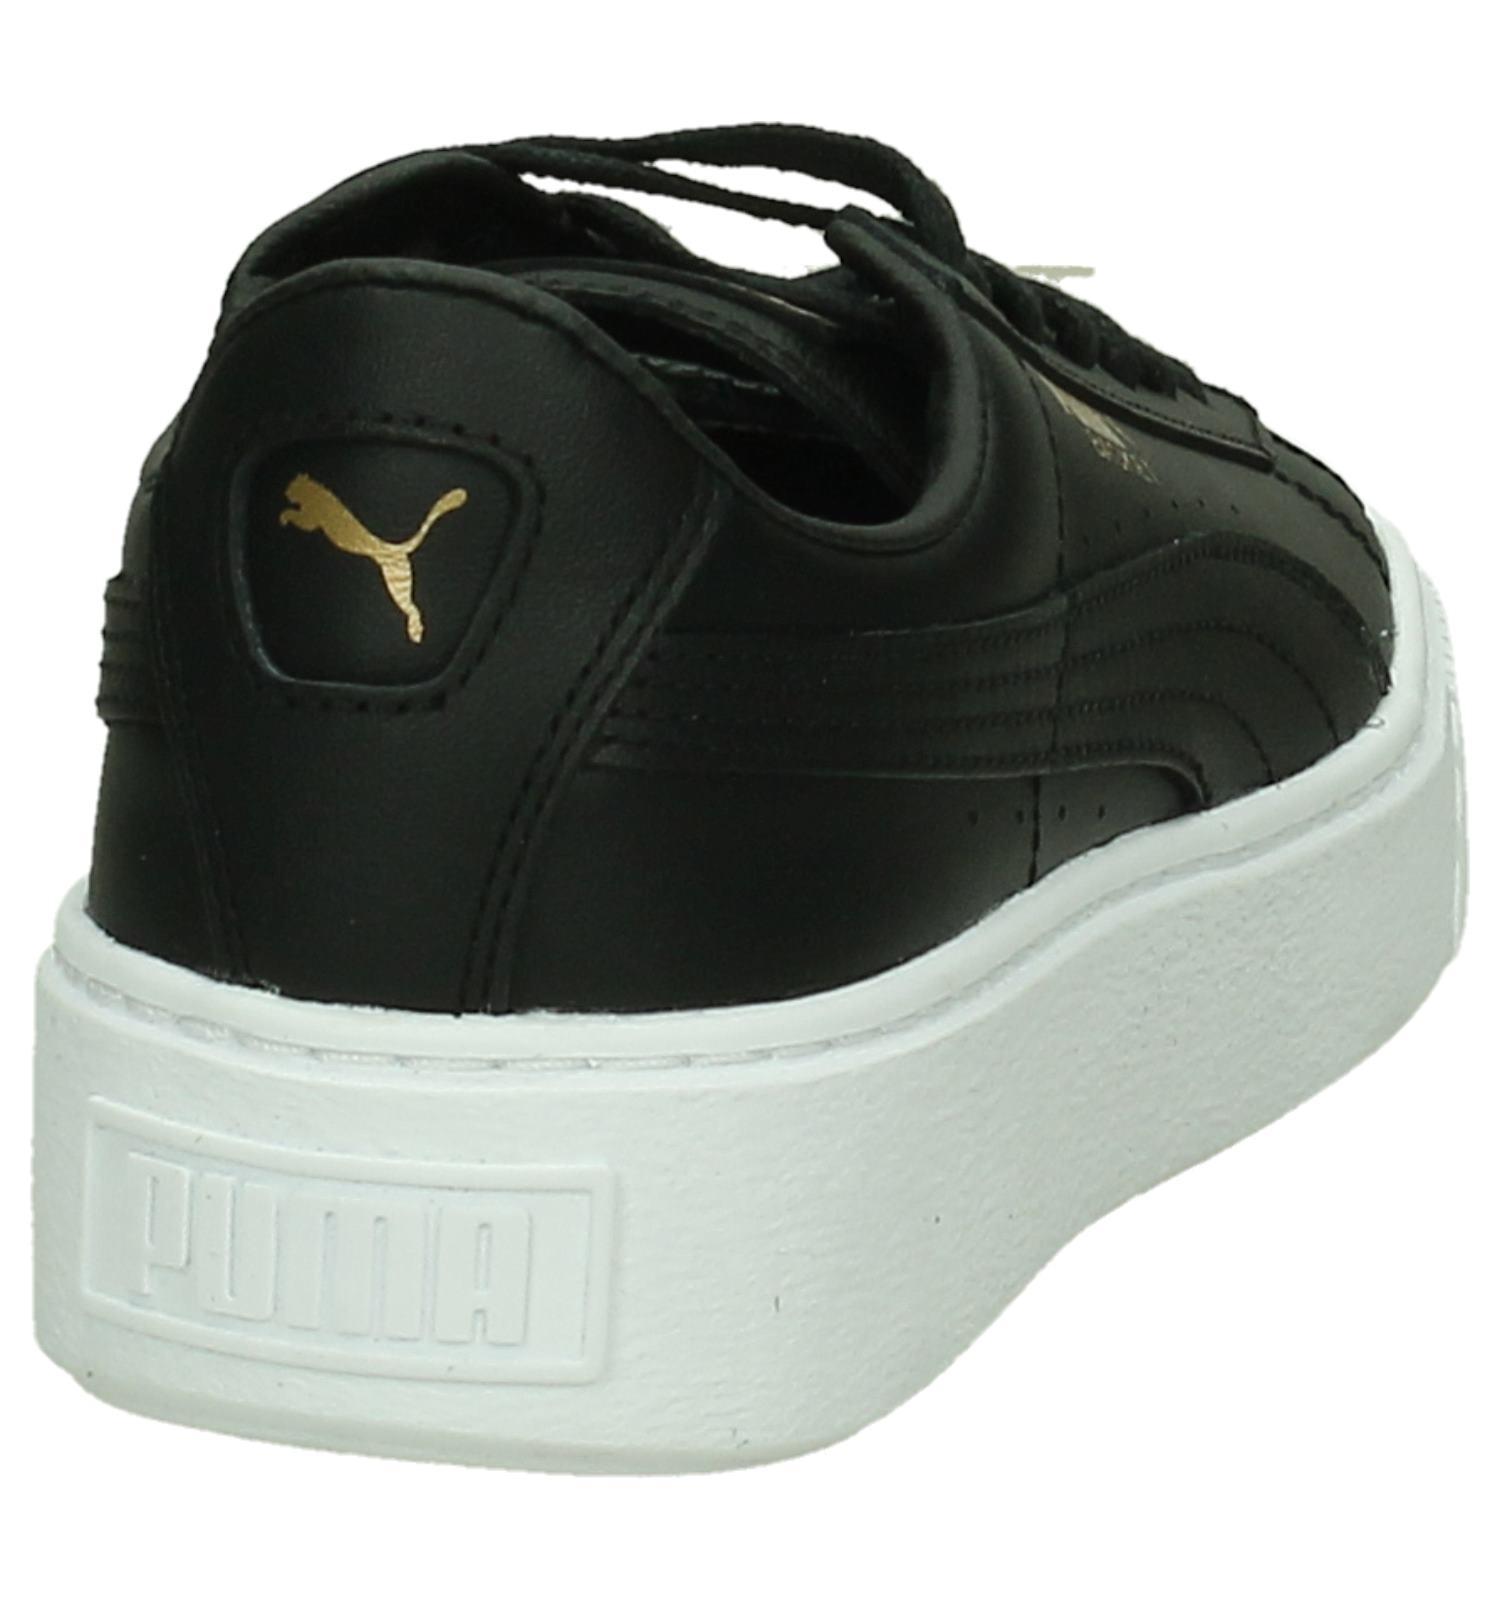 Puma Puma Zwart Sneakers Basket Platform Basket dorexBC